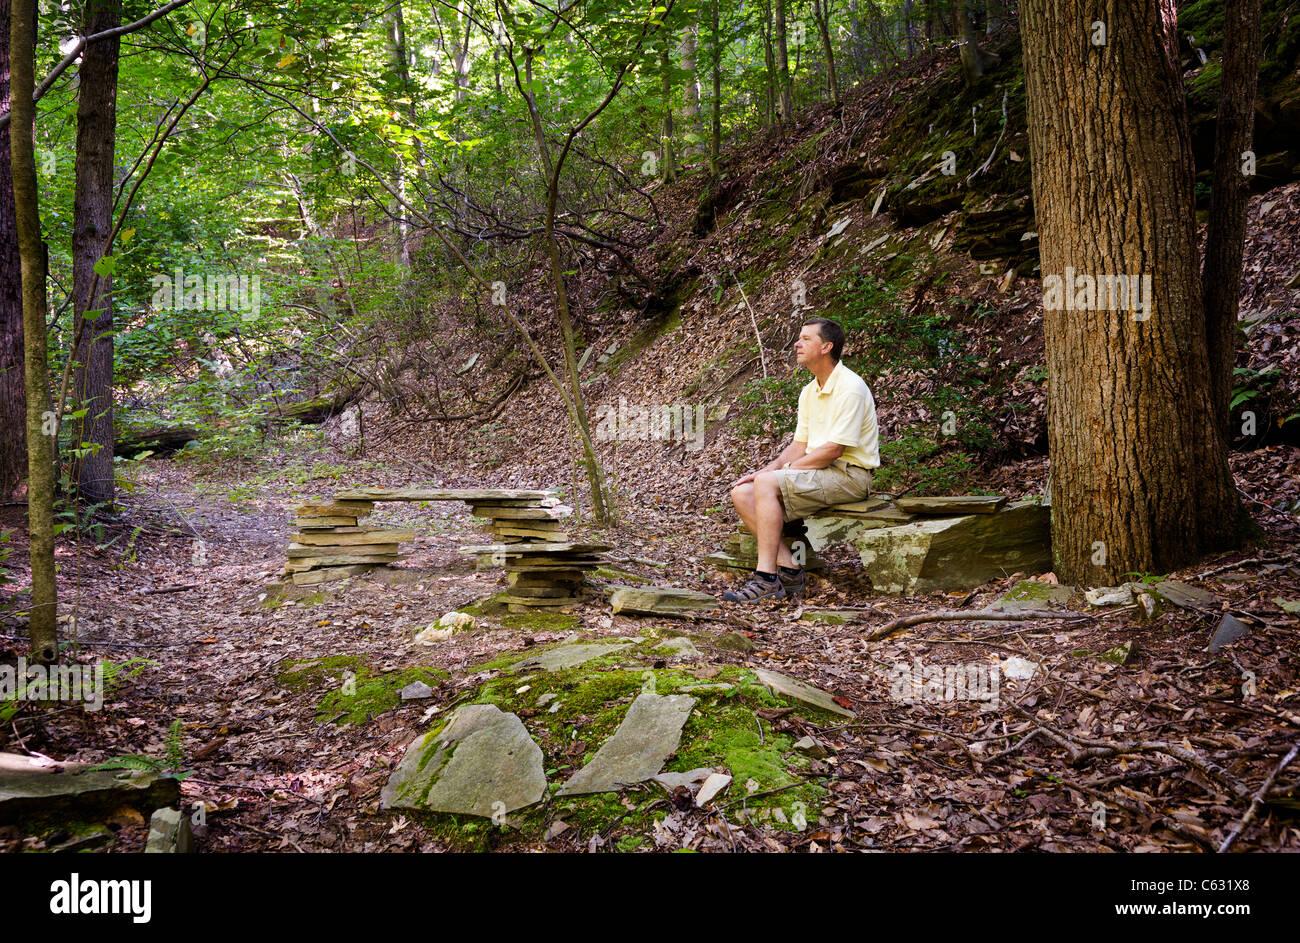 Randonneur à la retraite repose sur des bancs de pierre dans une clairière dans une forêt sur une randonnée Banque D'Images